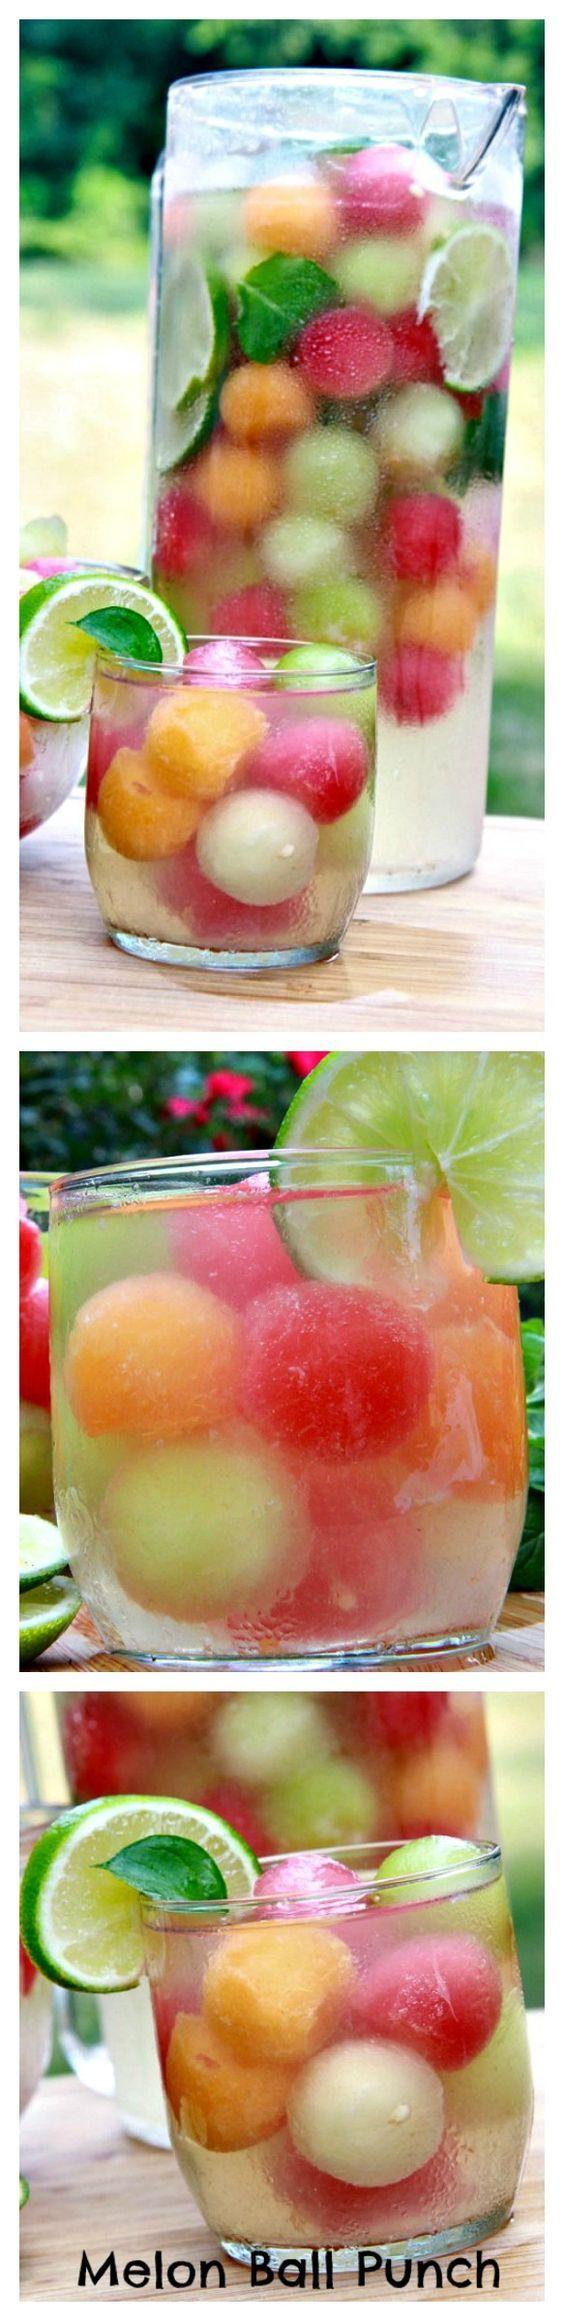 """""""Melon Ball Punch"""" Vegan, Gluten free http://divascancook.com/melon-ball-punch-recipe-drink/"""